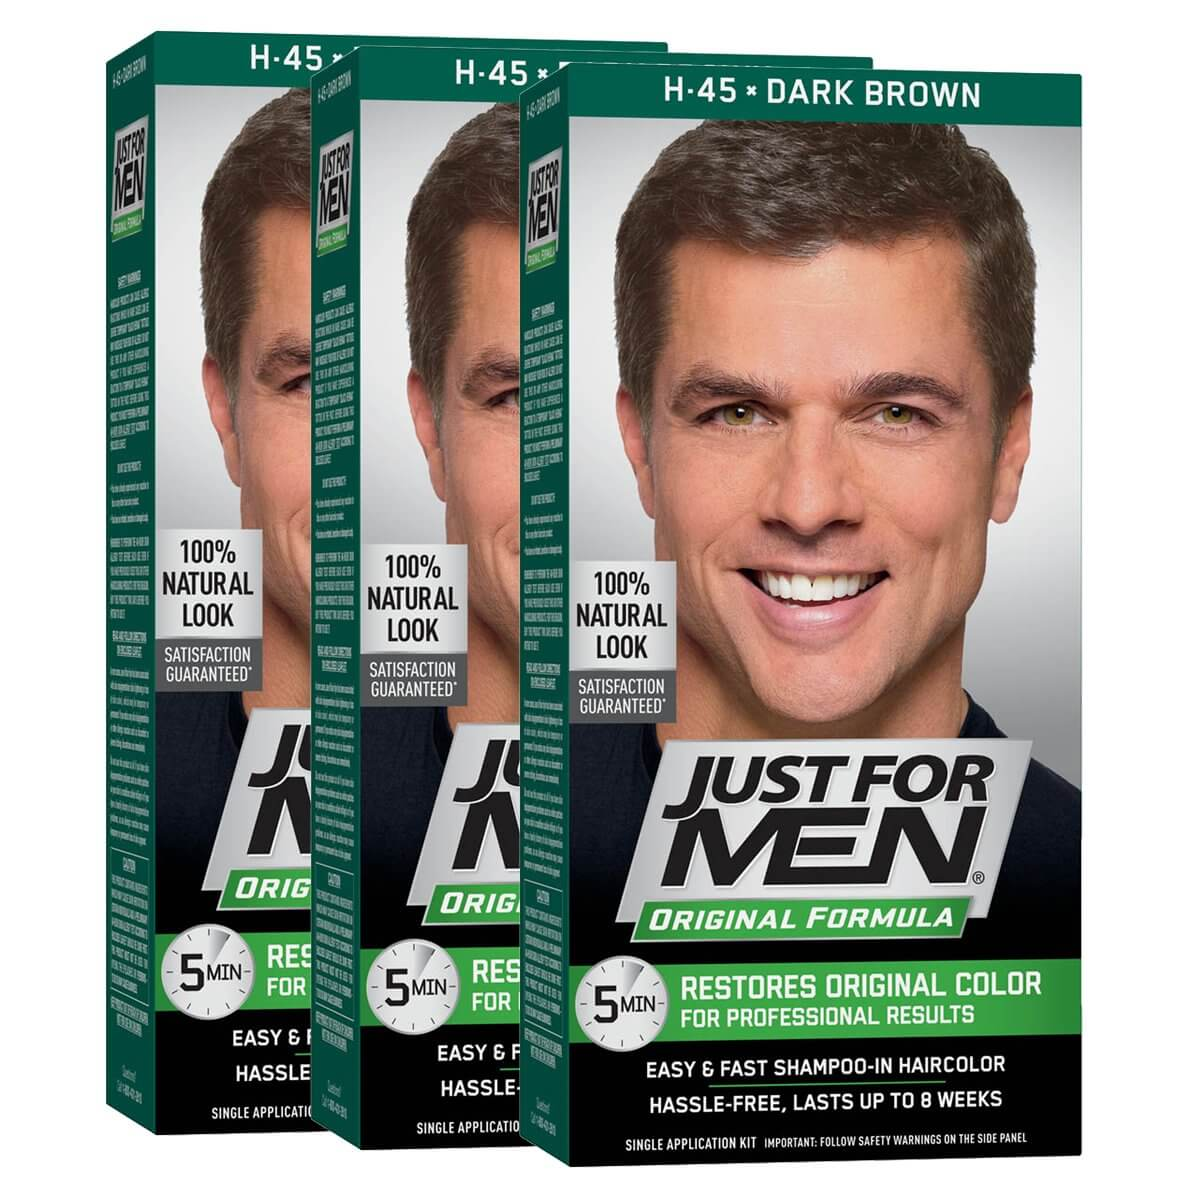 Just For Men Original Formula Hair